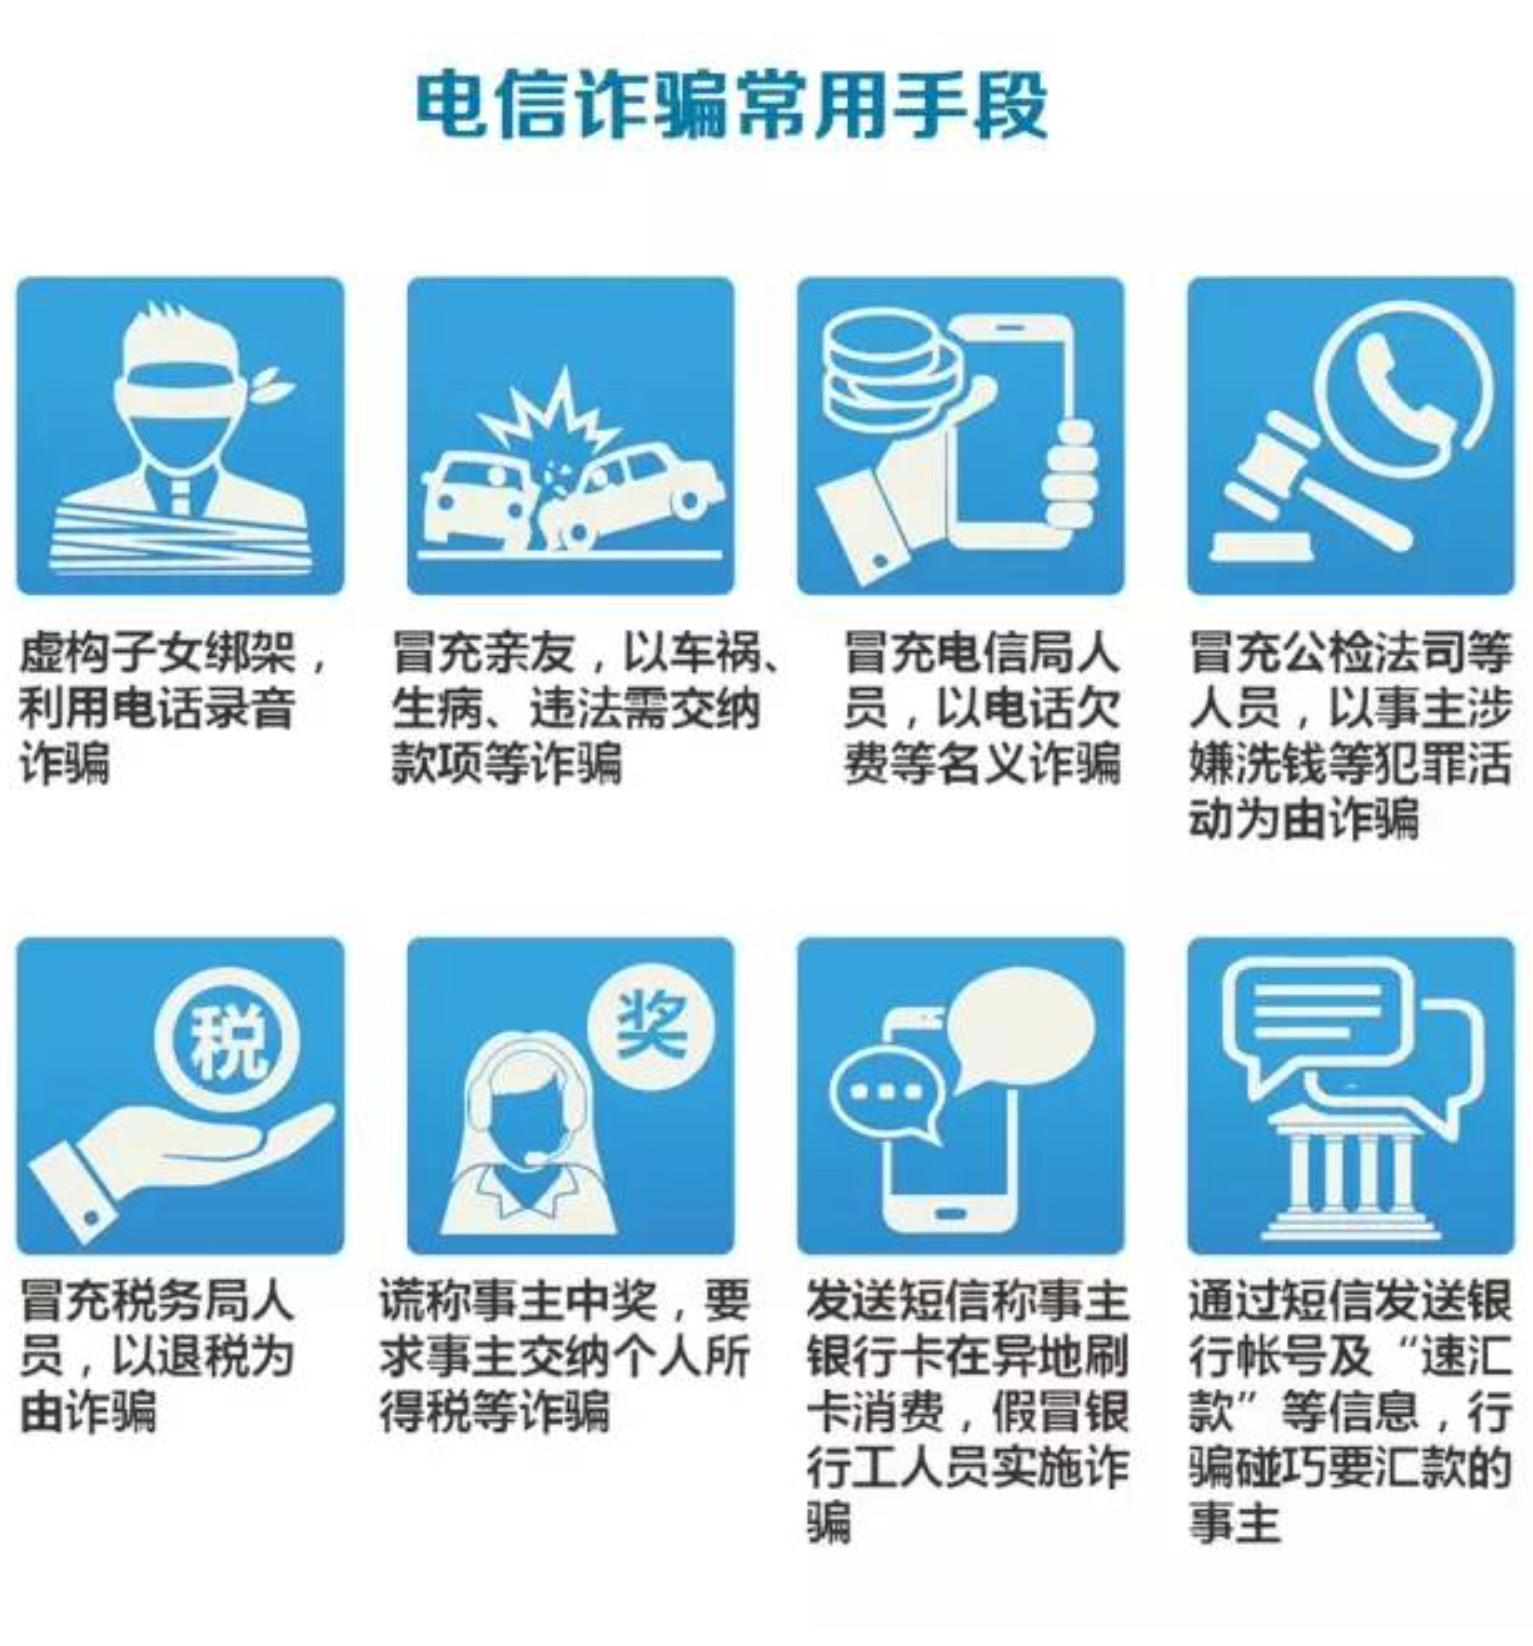 Staatsfernsehen CCTV informiert über gängige Betrugsmaschen, um das Bewusstsein der Bürger zu schärfen. Screenshot von CCTV.